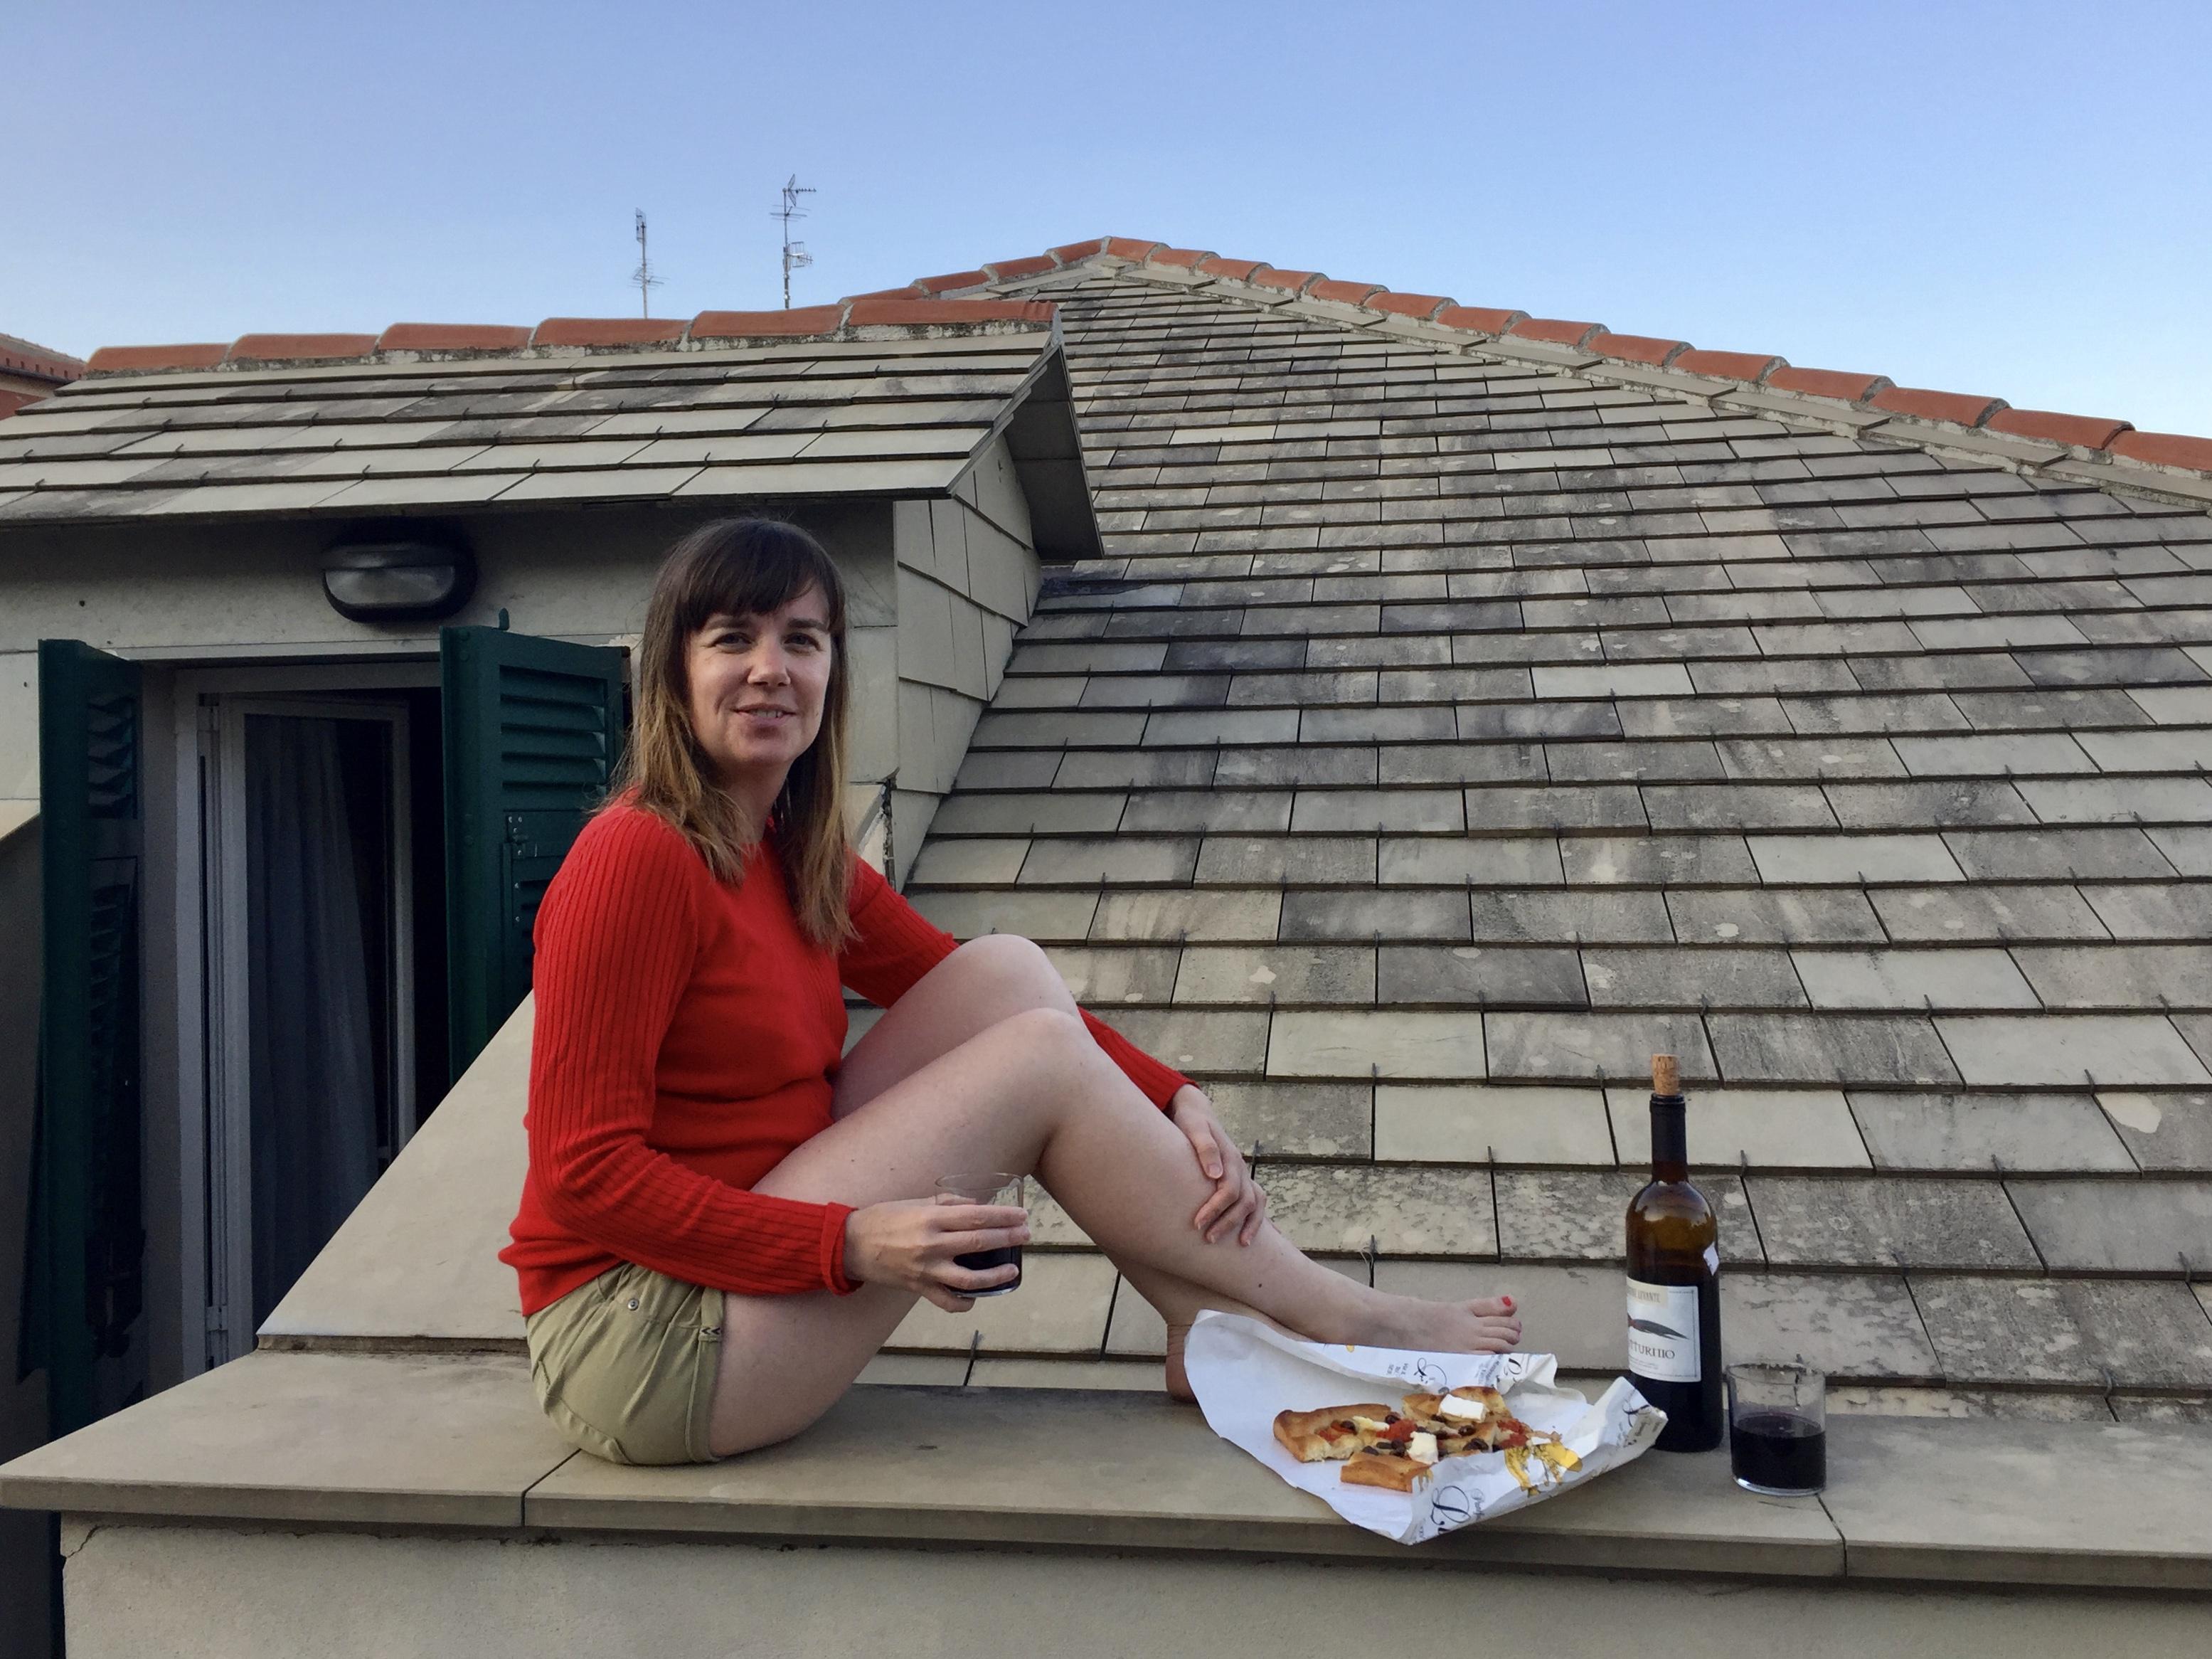 piknik hotellilla sestri levante